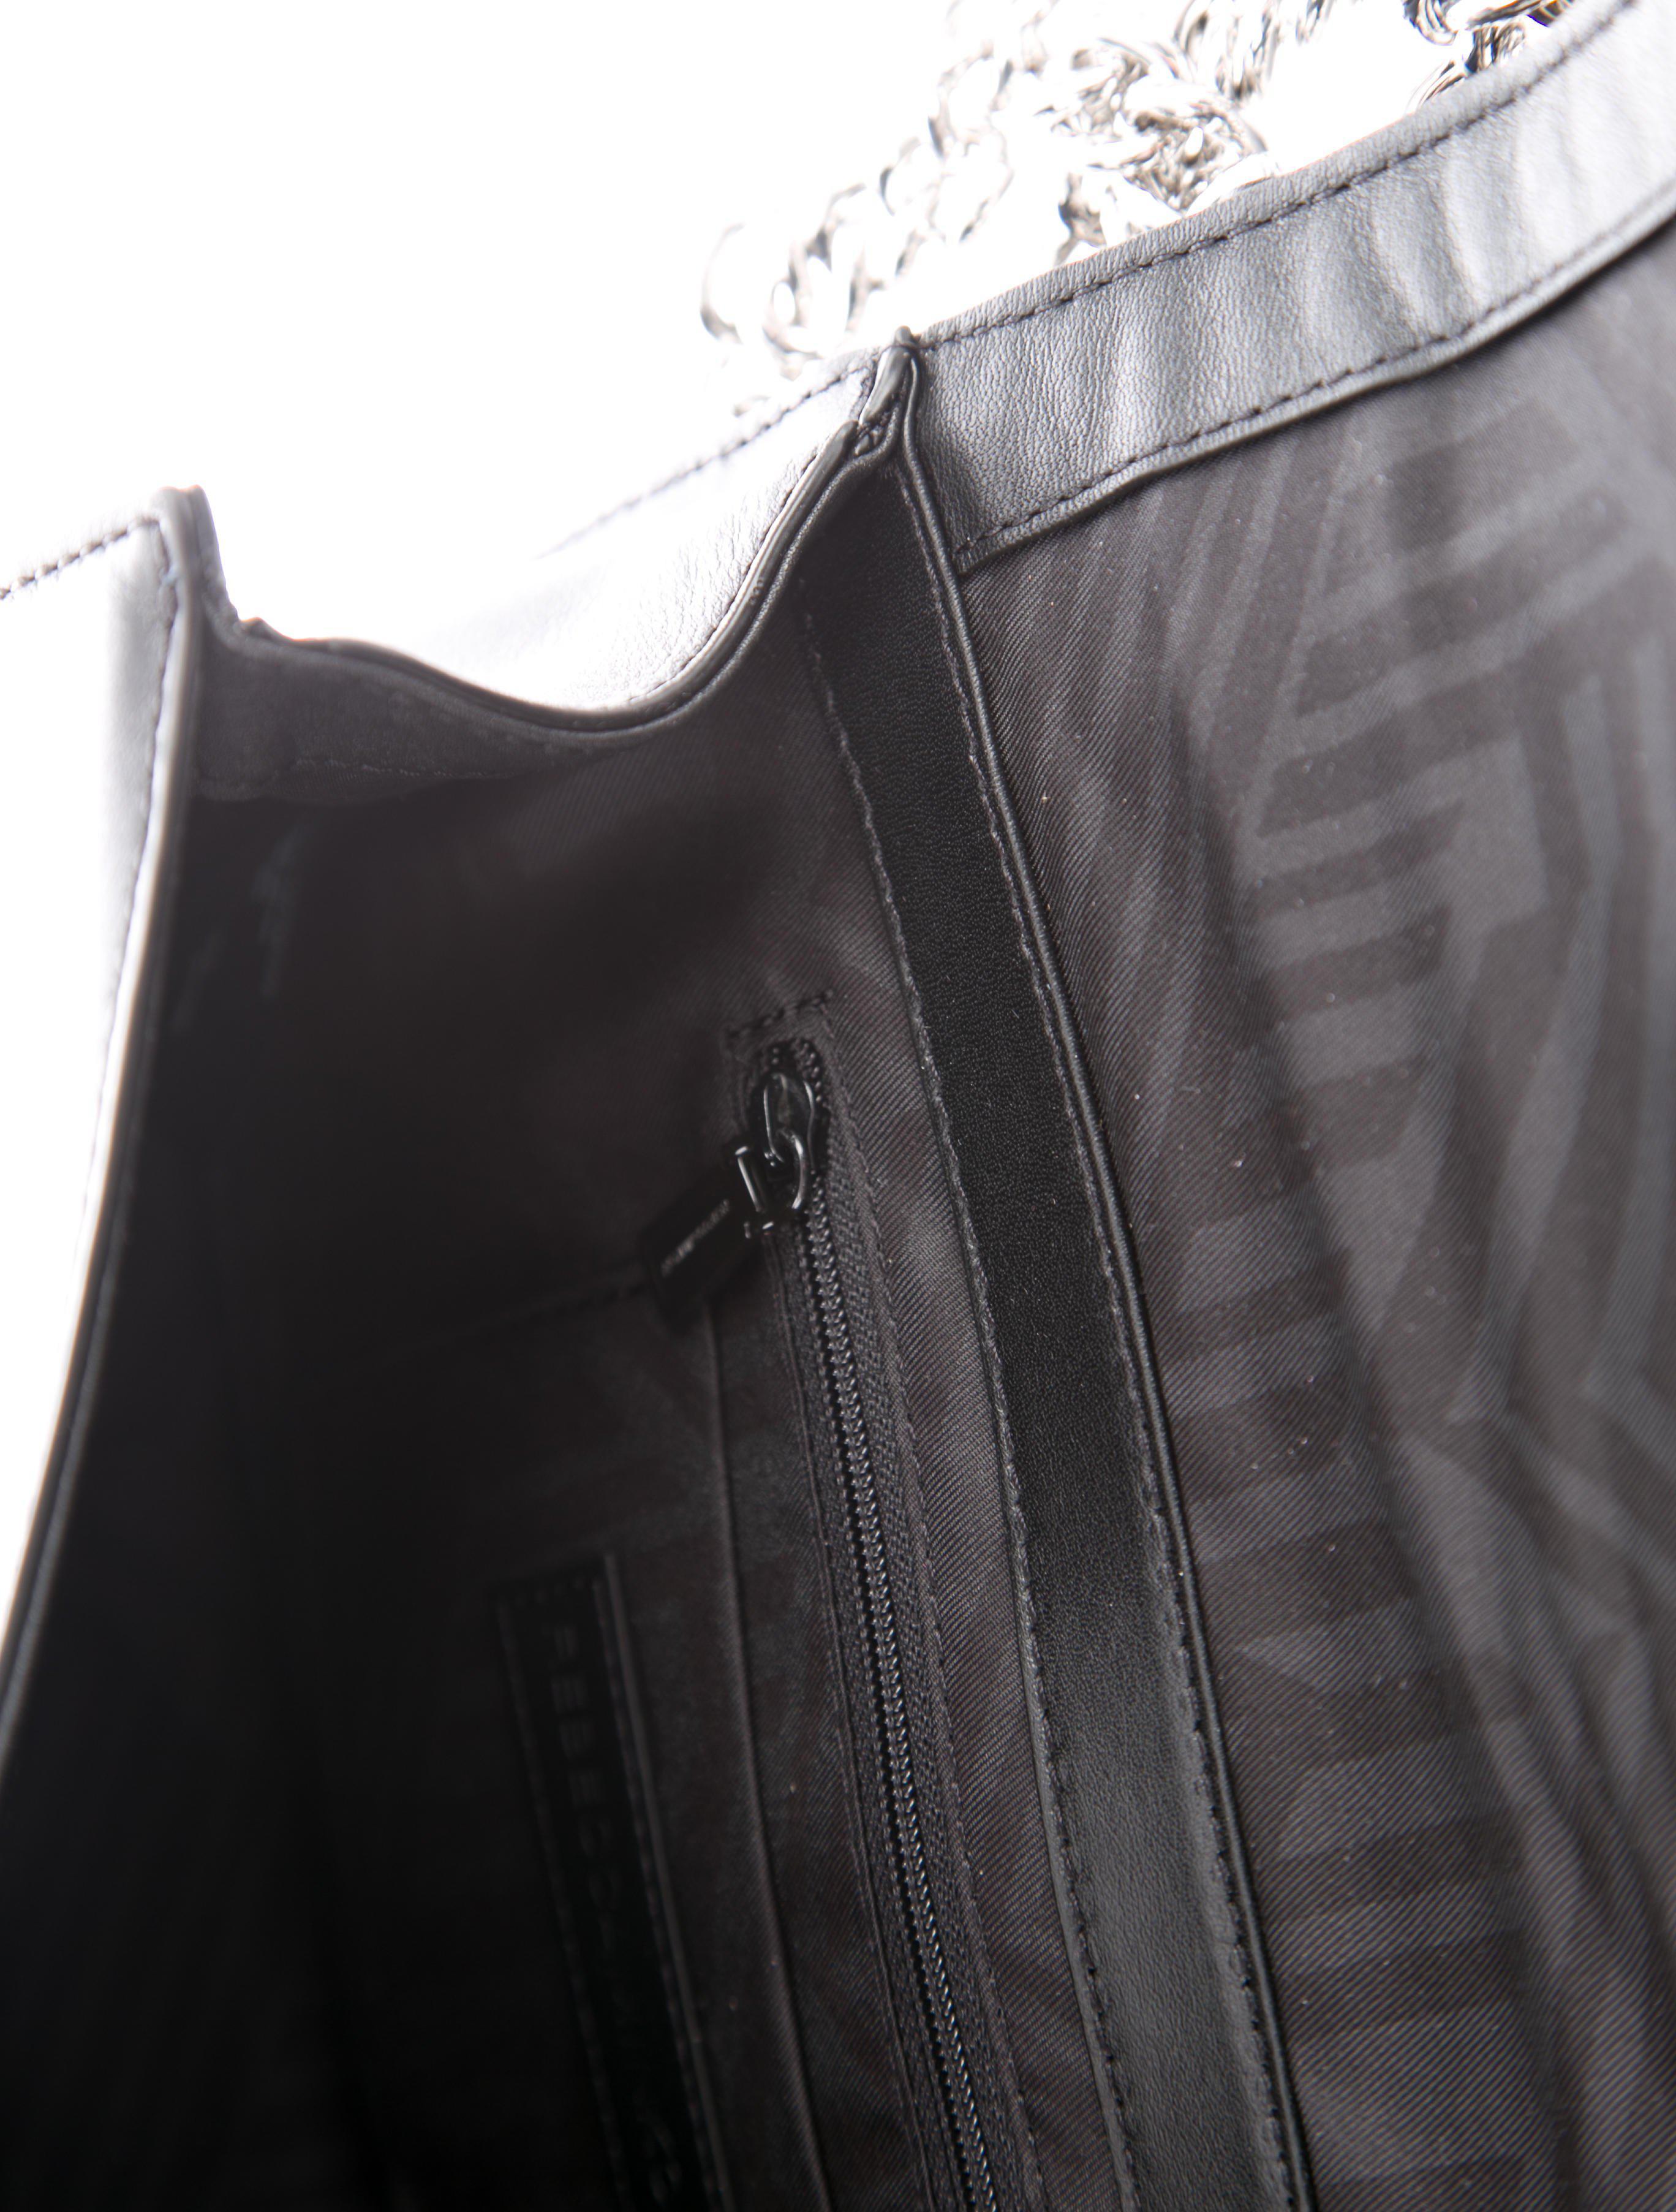 91e03be83c Lyst - Rebecca Minkoff Bicolor Love Crossbody Bag W  Tags Black in ...